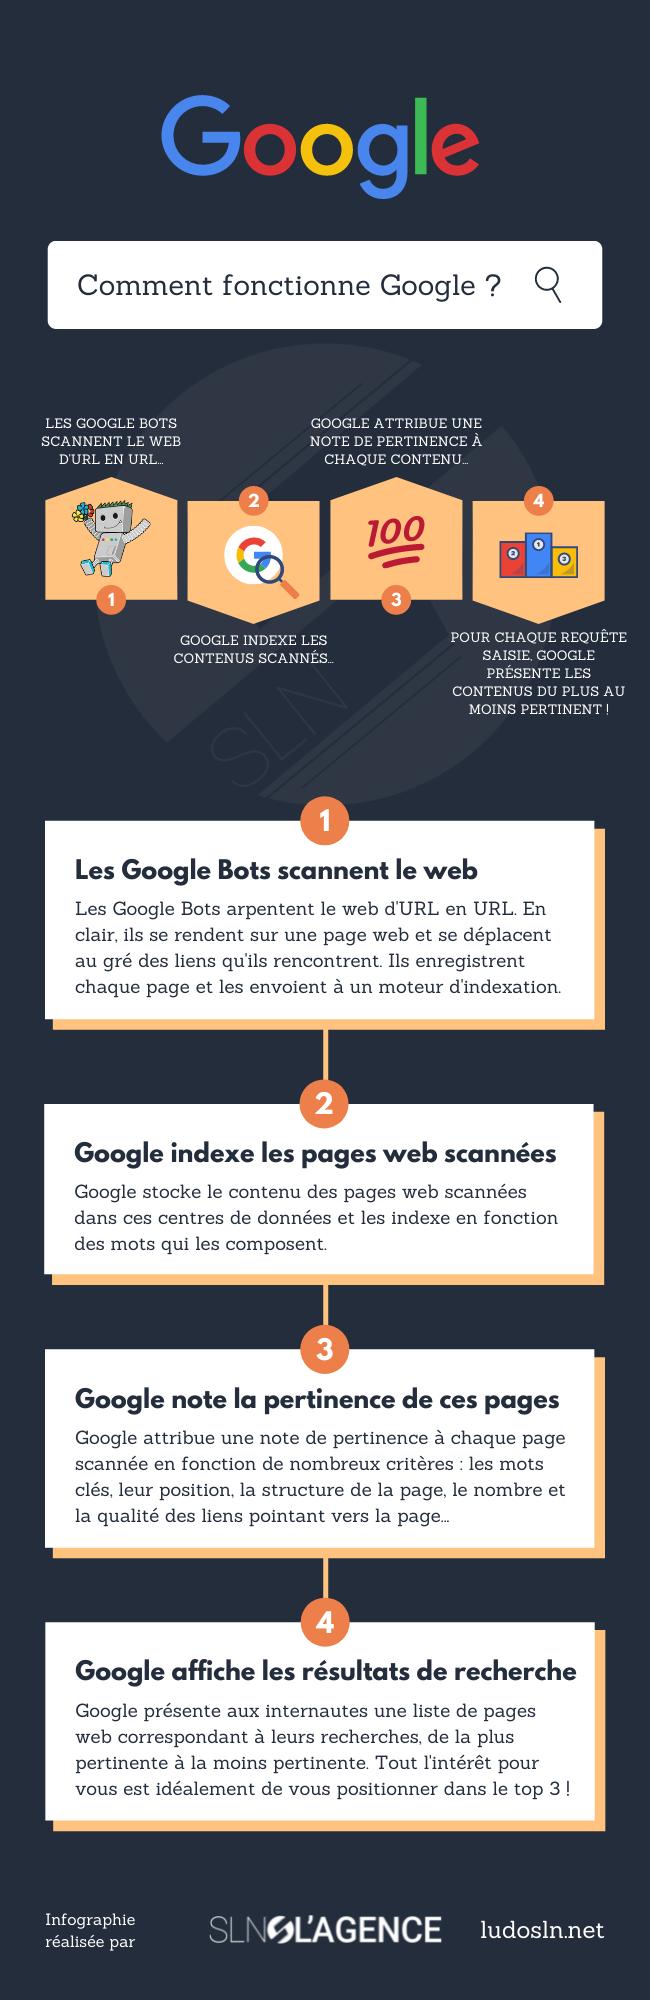 Comment fonctionne la recherche Google ? - Infographie